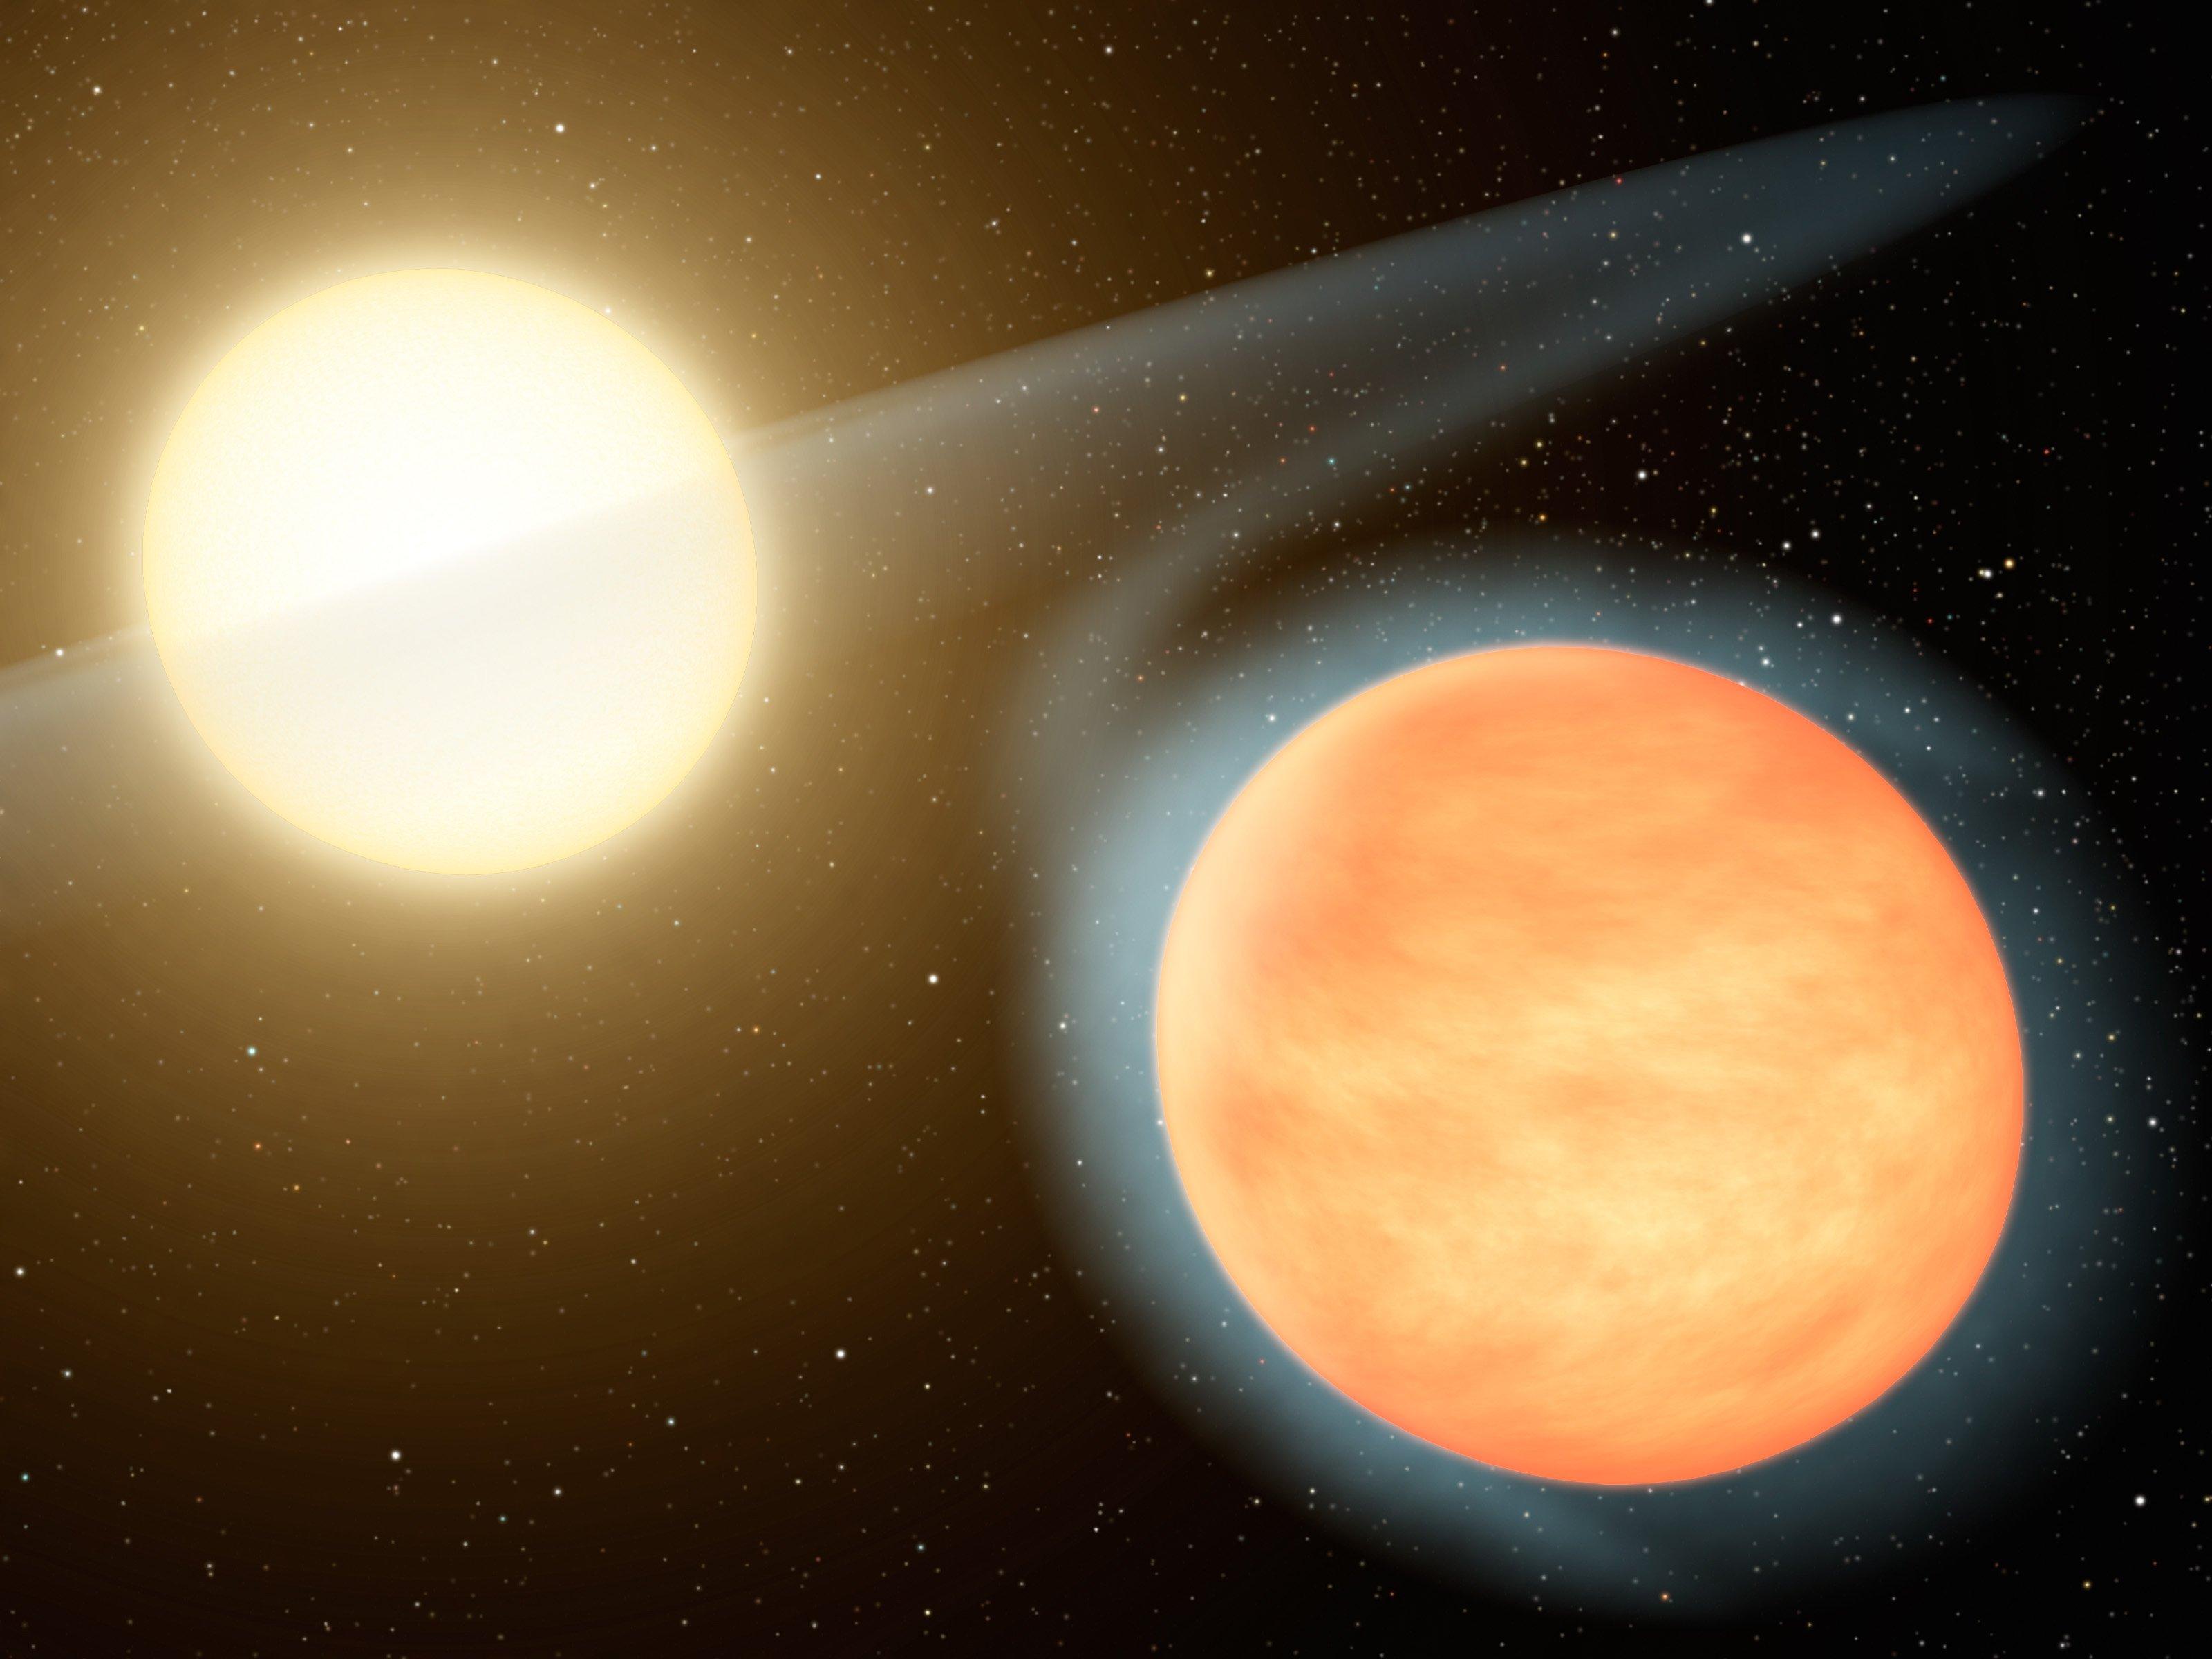 именами самая большая планета во вселенной картинки хорошую фотографию